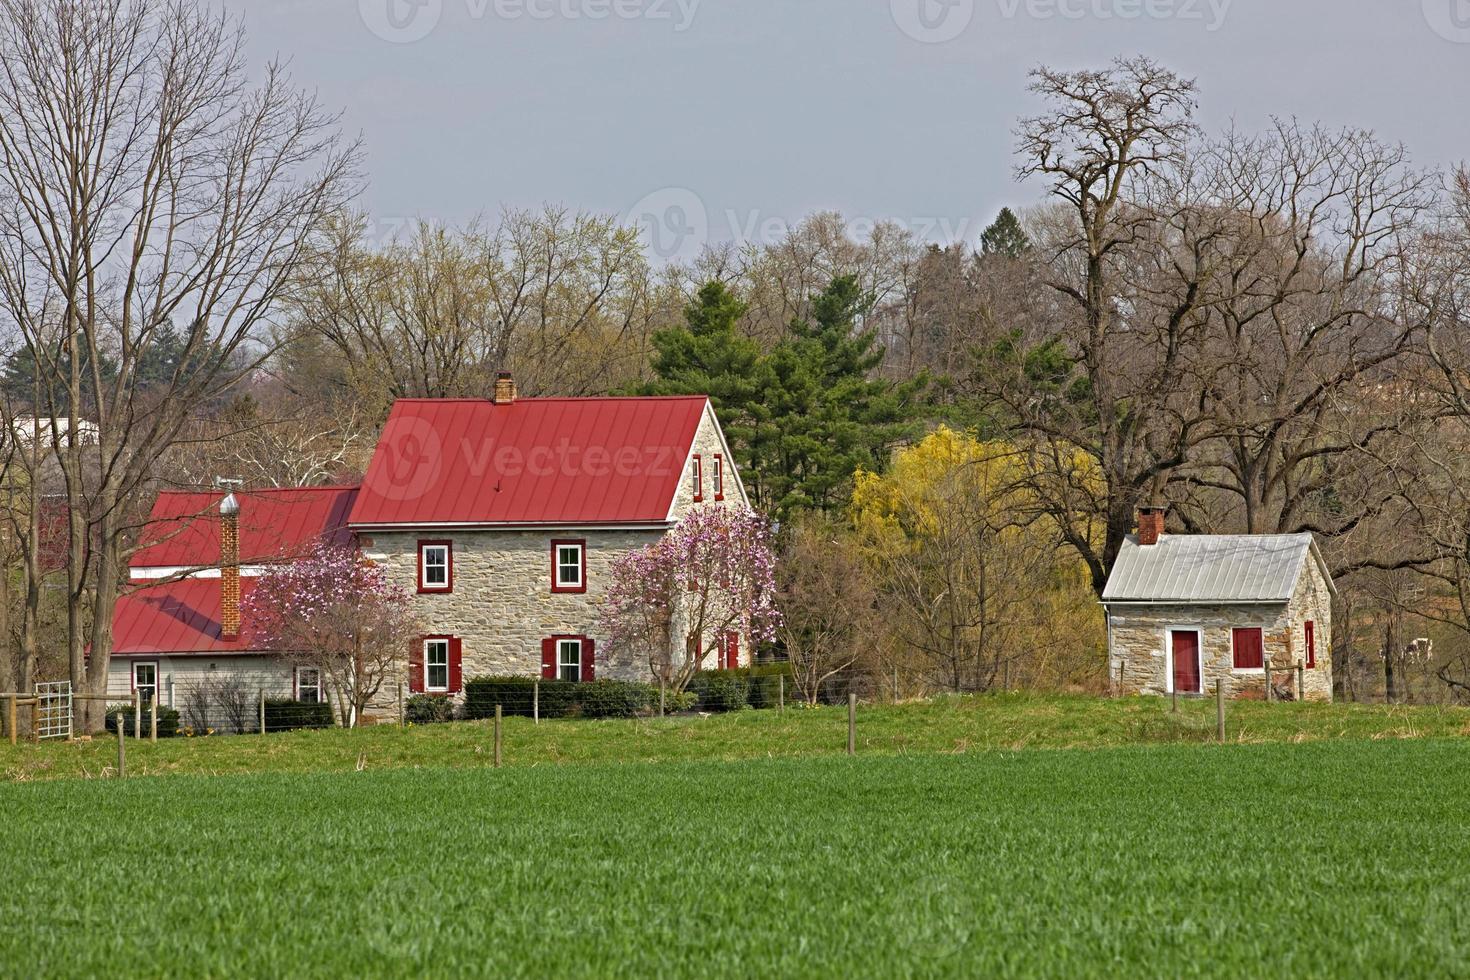 fattoria coloniale in pietra calcarea e primavera cucina estiva foto